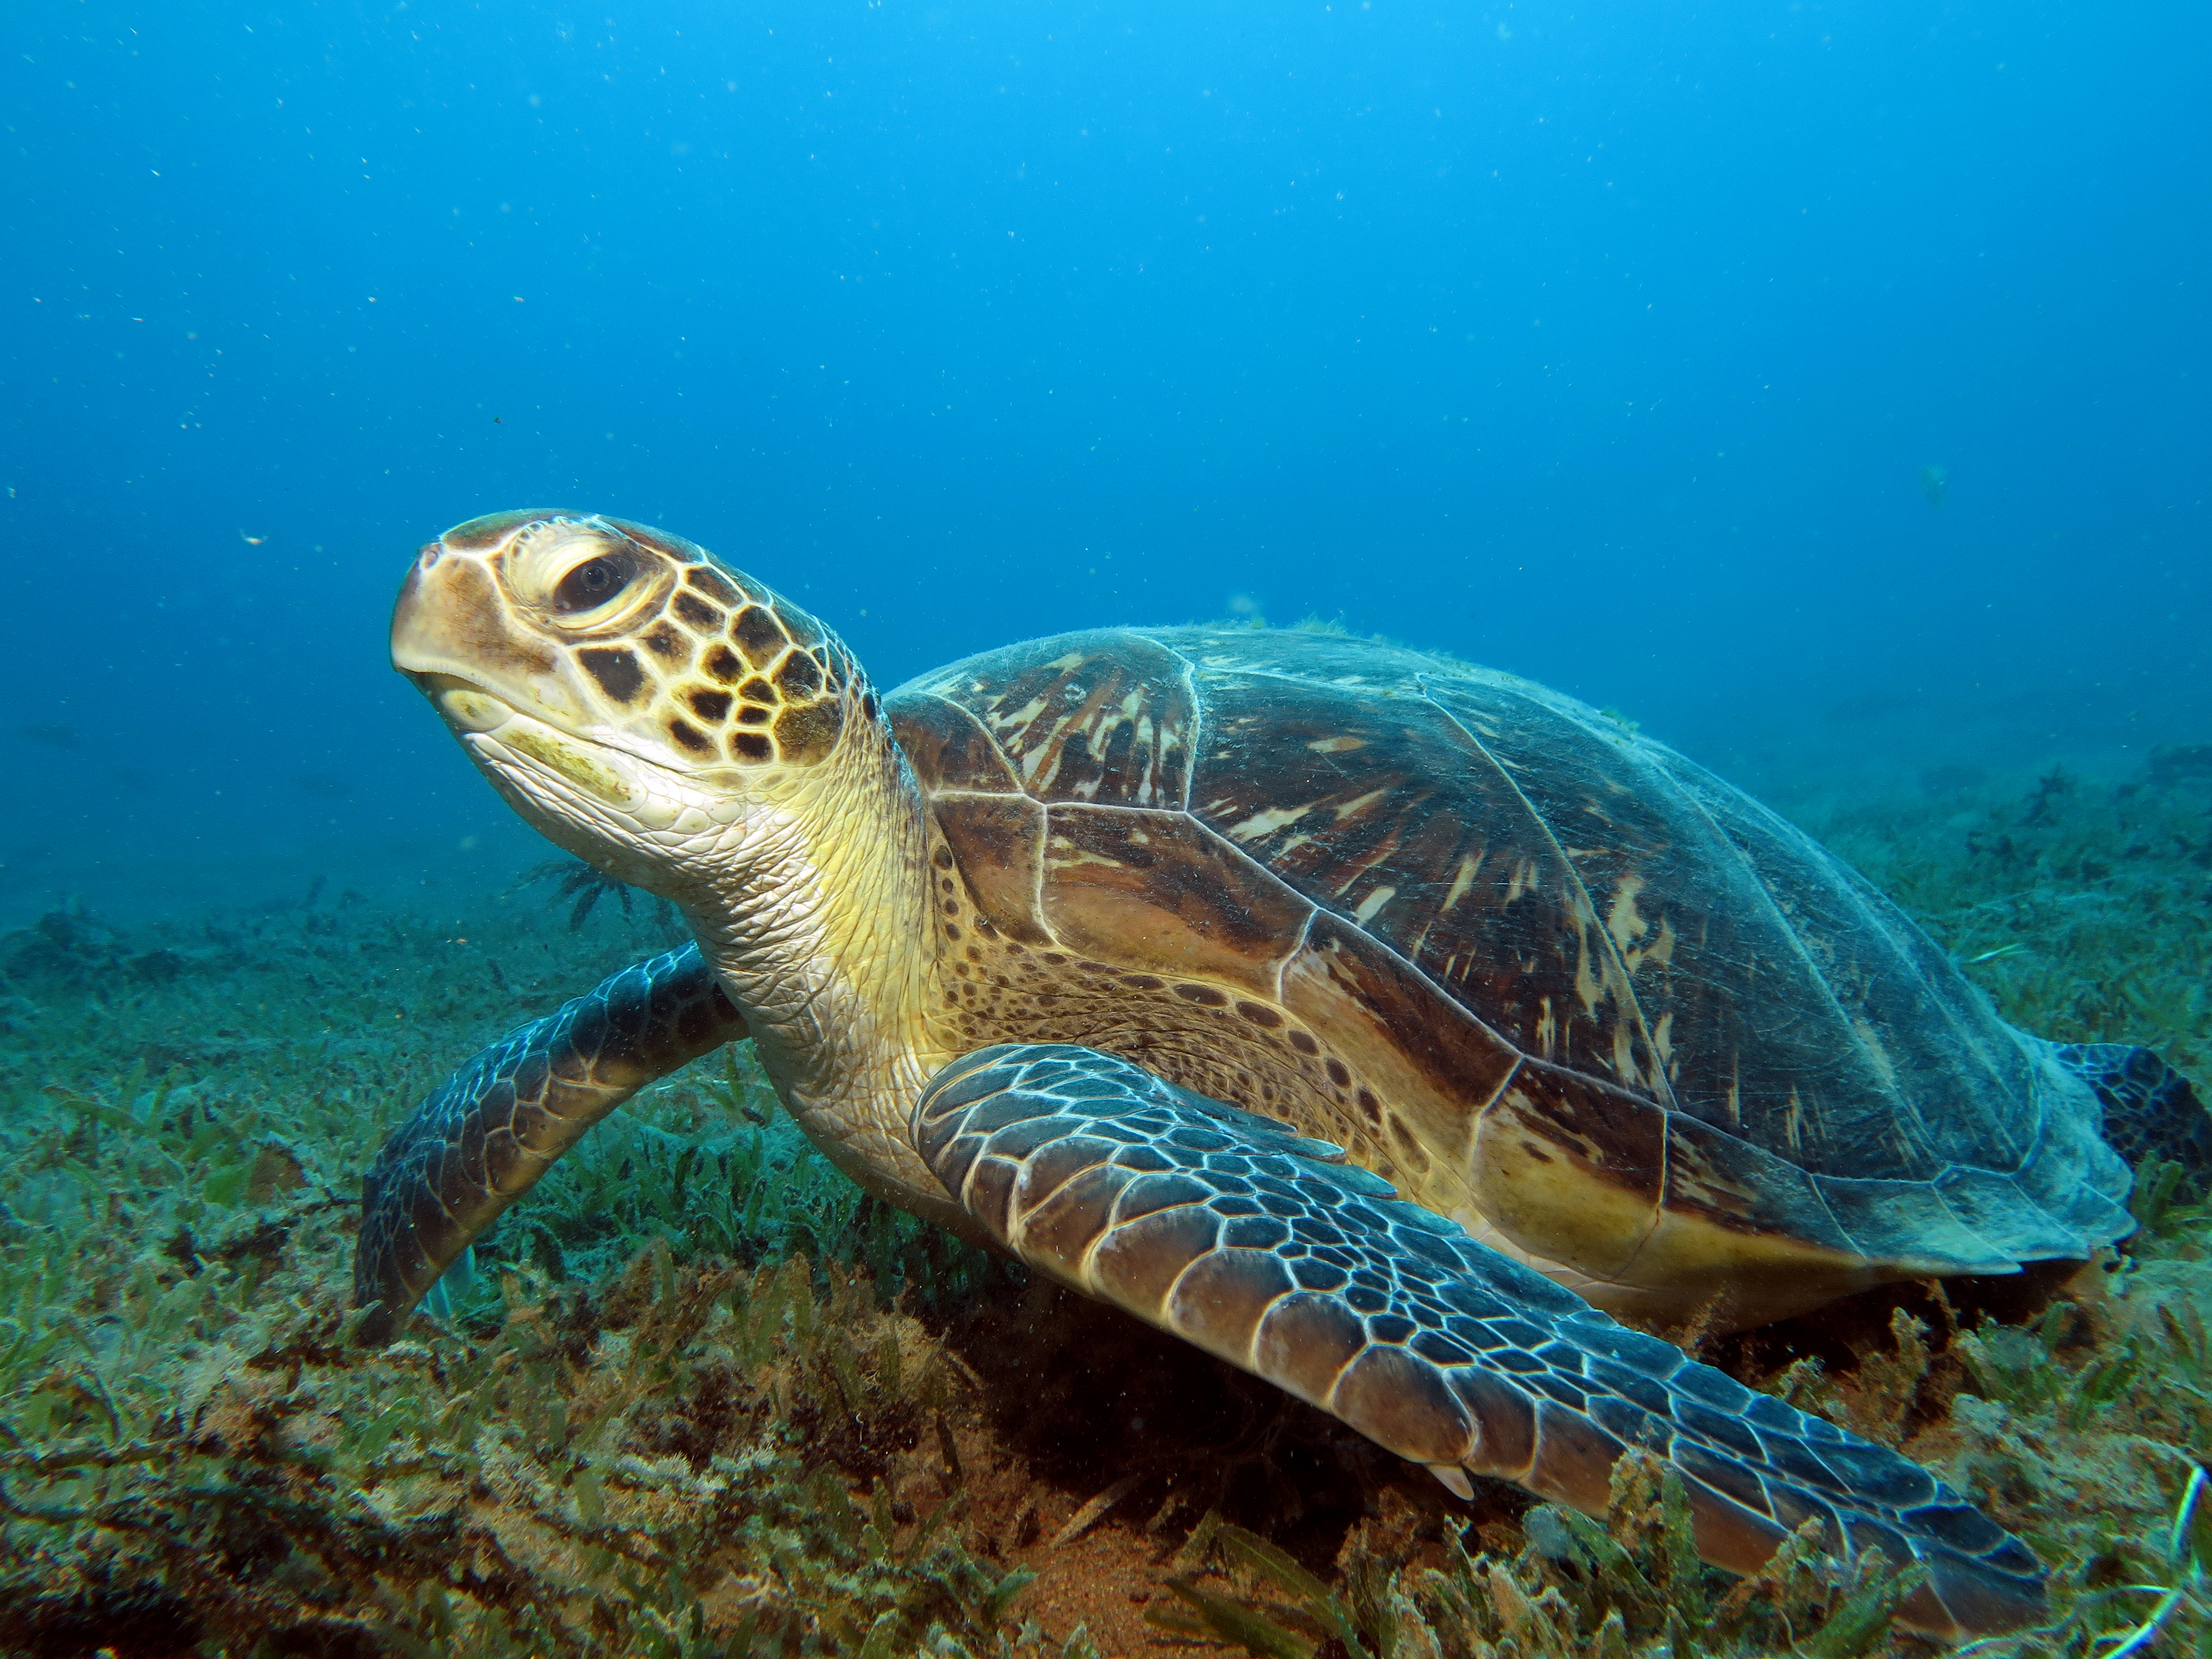 Chelonia mydas o tortuga verde, una de las especies marinas amenazadas.